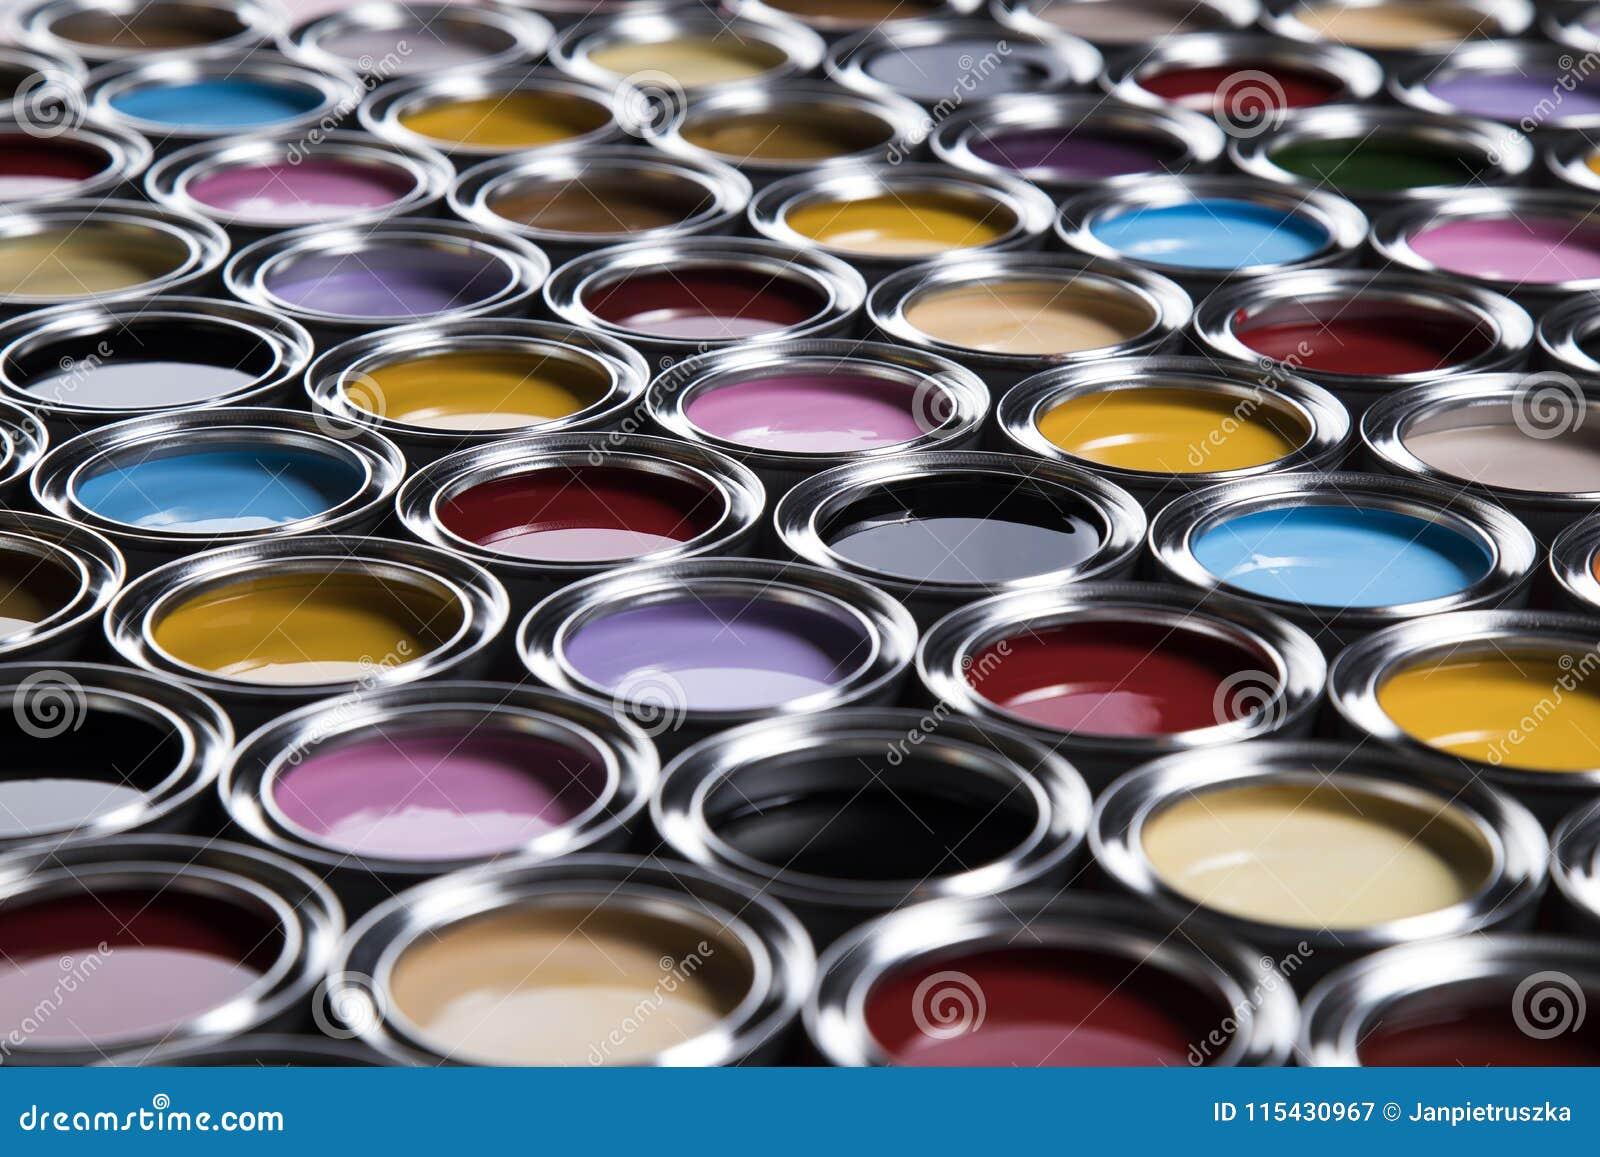 Красочные установленные чонсервные банкы краски